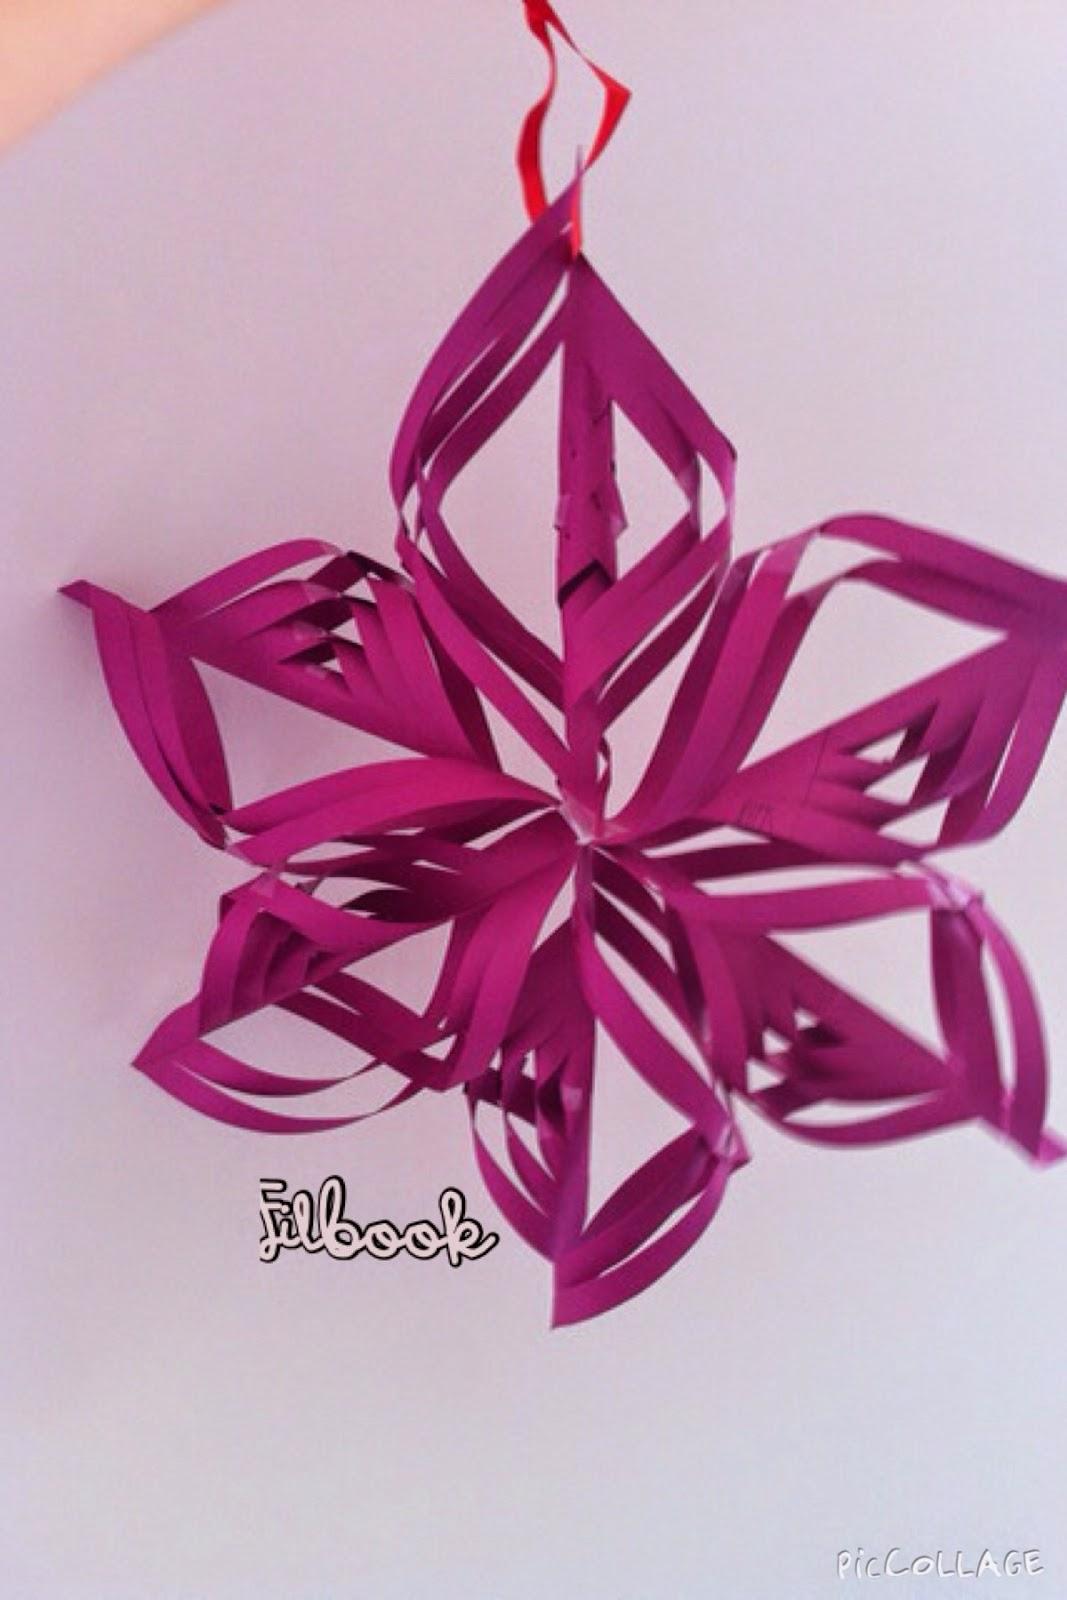 #BC0F29 FIL BOOK : Activités Pour Enfant: Atelier Décoration Papier 6365 décoration noel découpage 1067x1600 px @ aertt.com